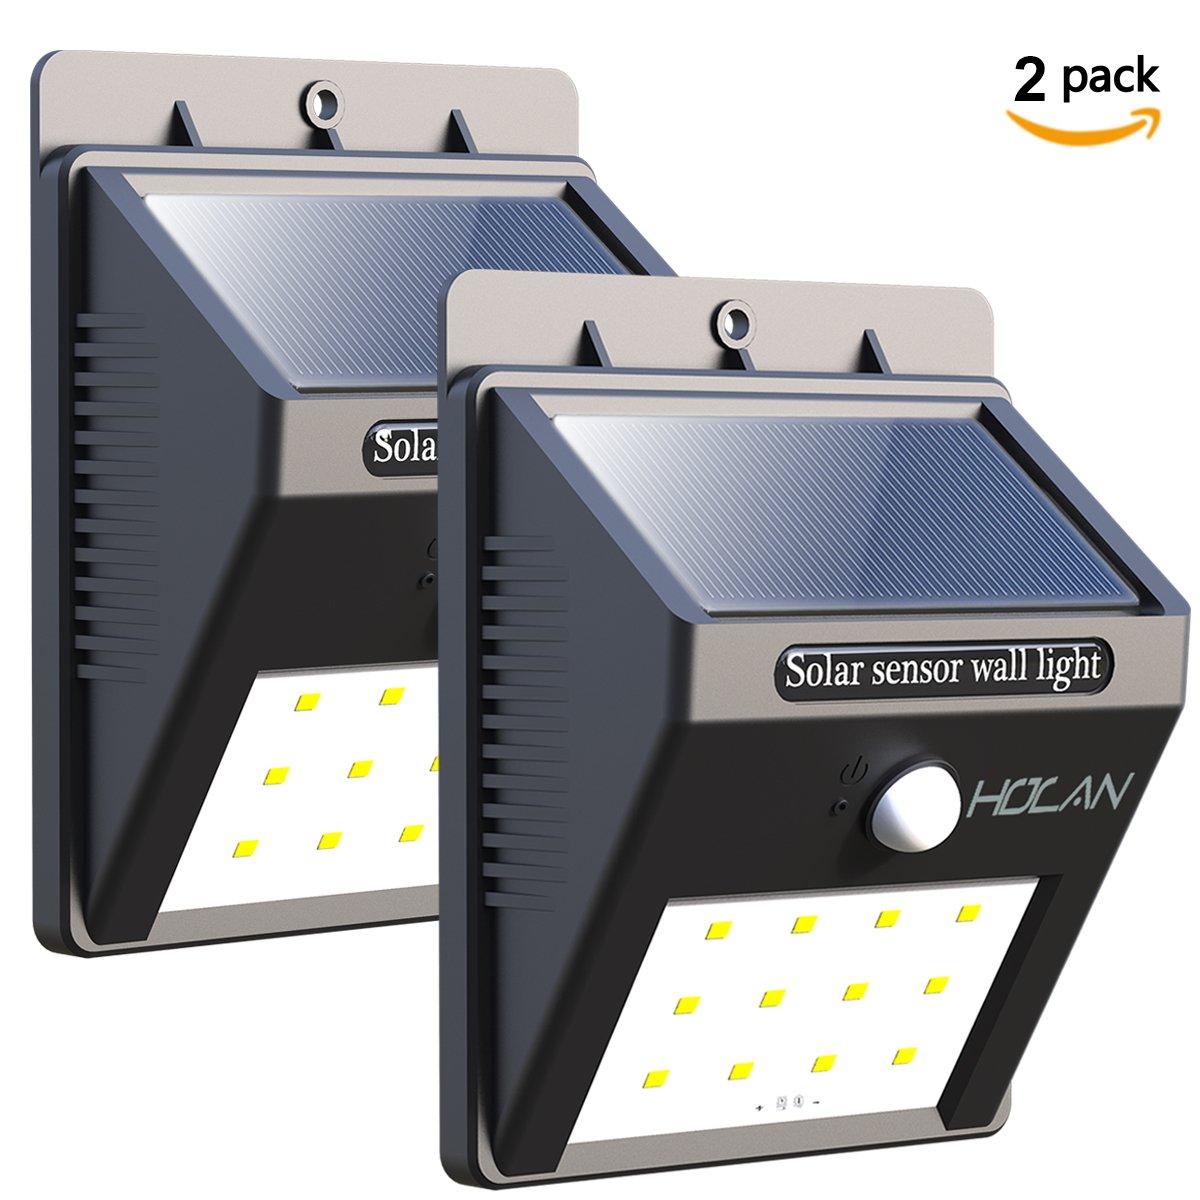 Holan 12色 LED人感センサー付ソーラーライト4点セット 防水仕様 壁/中庭/玄関/階段/フェンス/デッキ/私道用ライト B01MY0HG58 4 Pack  4 Pack